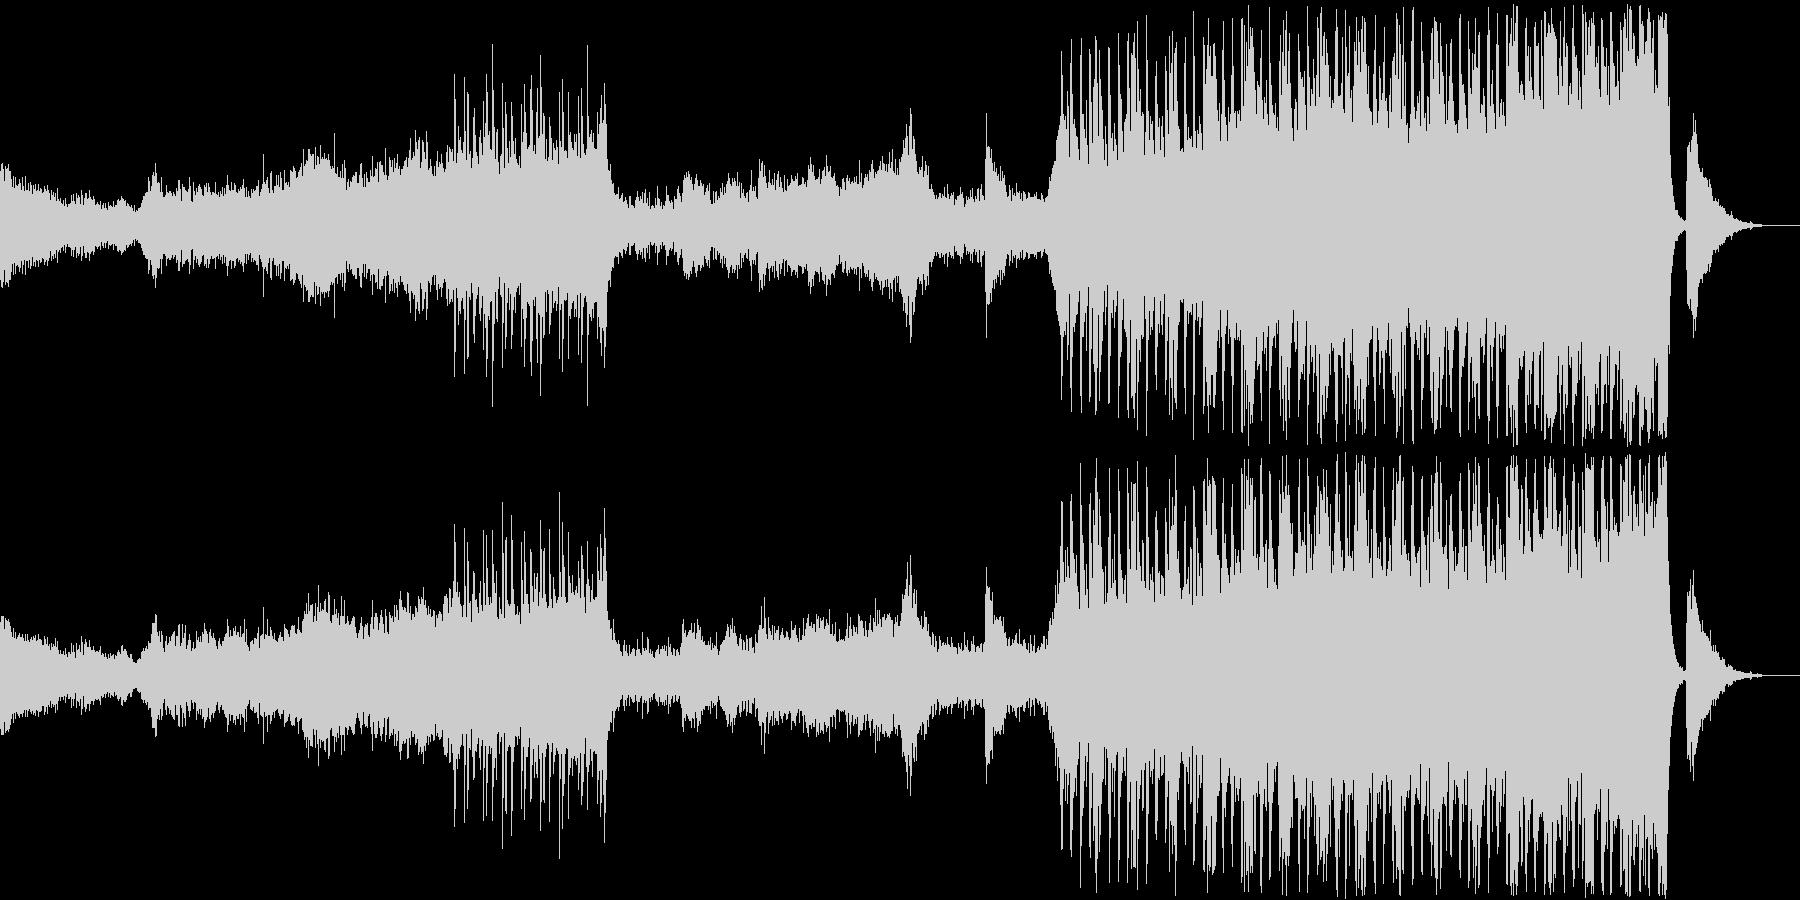 緊張感のあるエレクトリック&オーケストラの未再生の波形